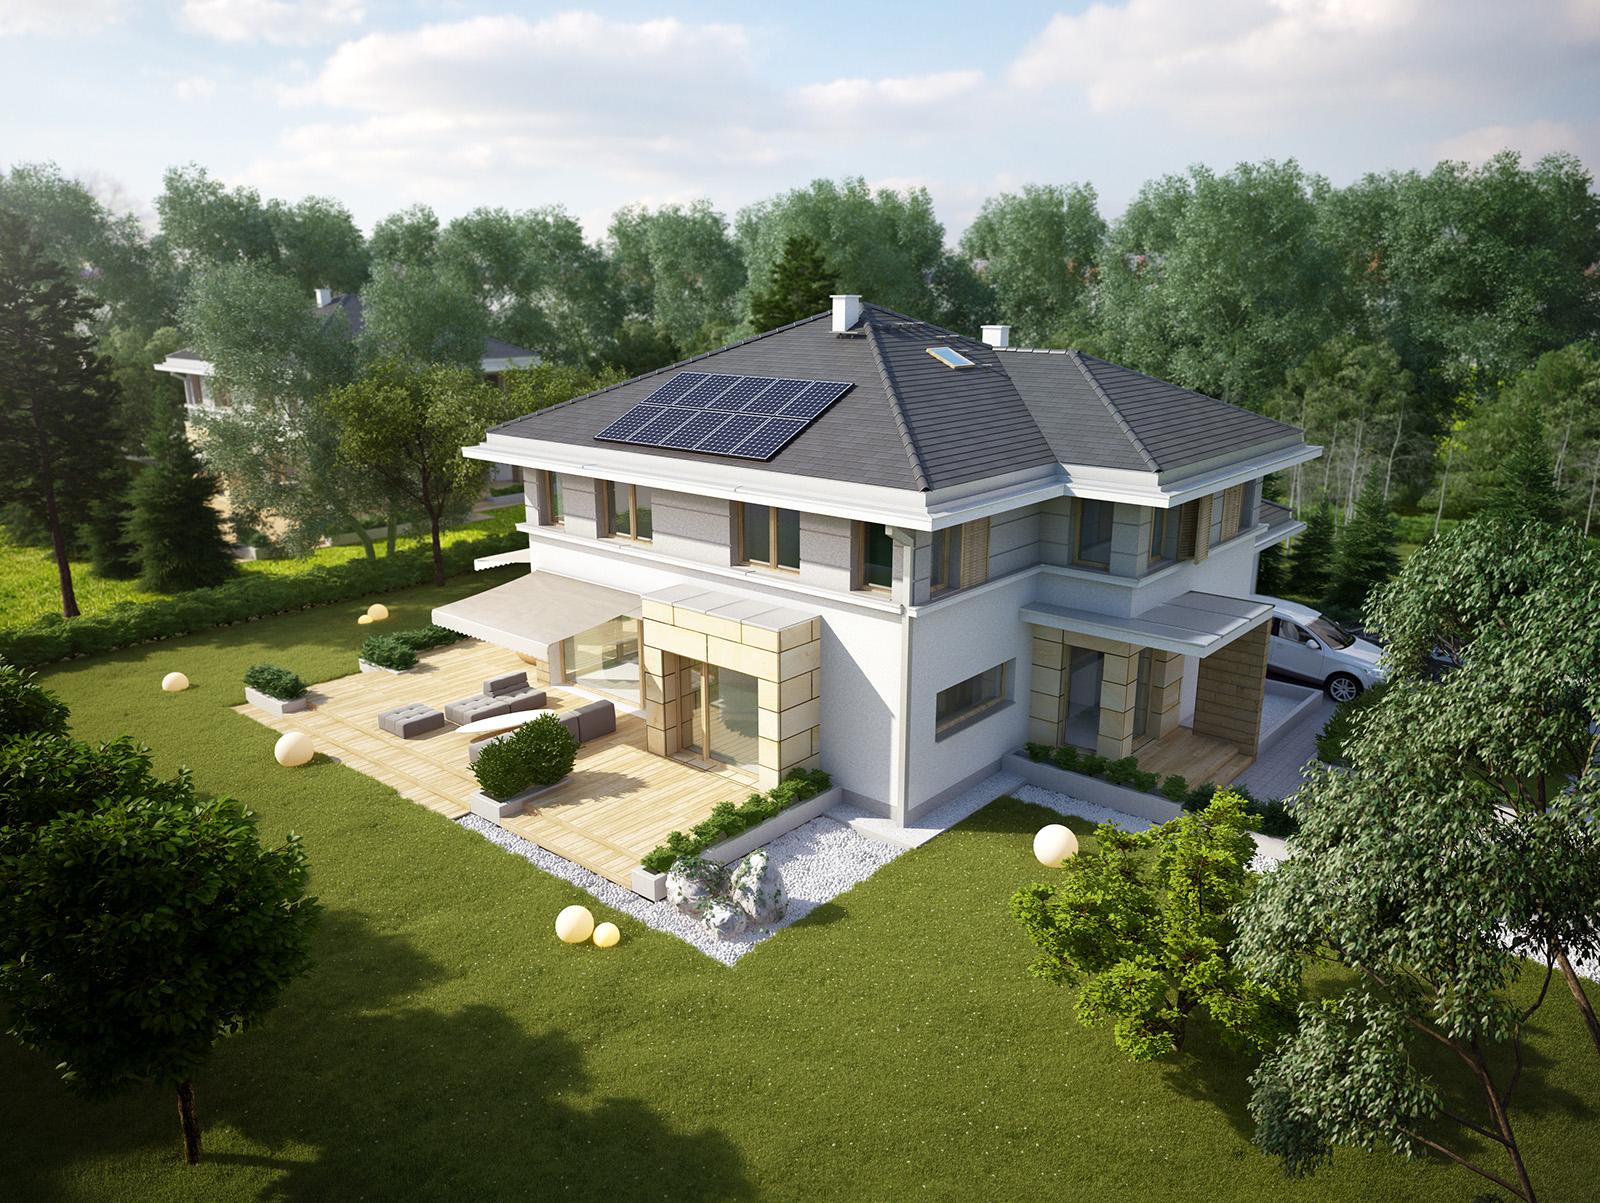 Projekt domu PRZYJEMNY Domy Czystej Energii widok od boku i od ogrodu